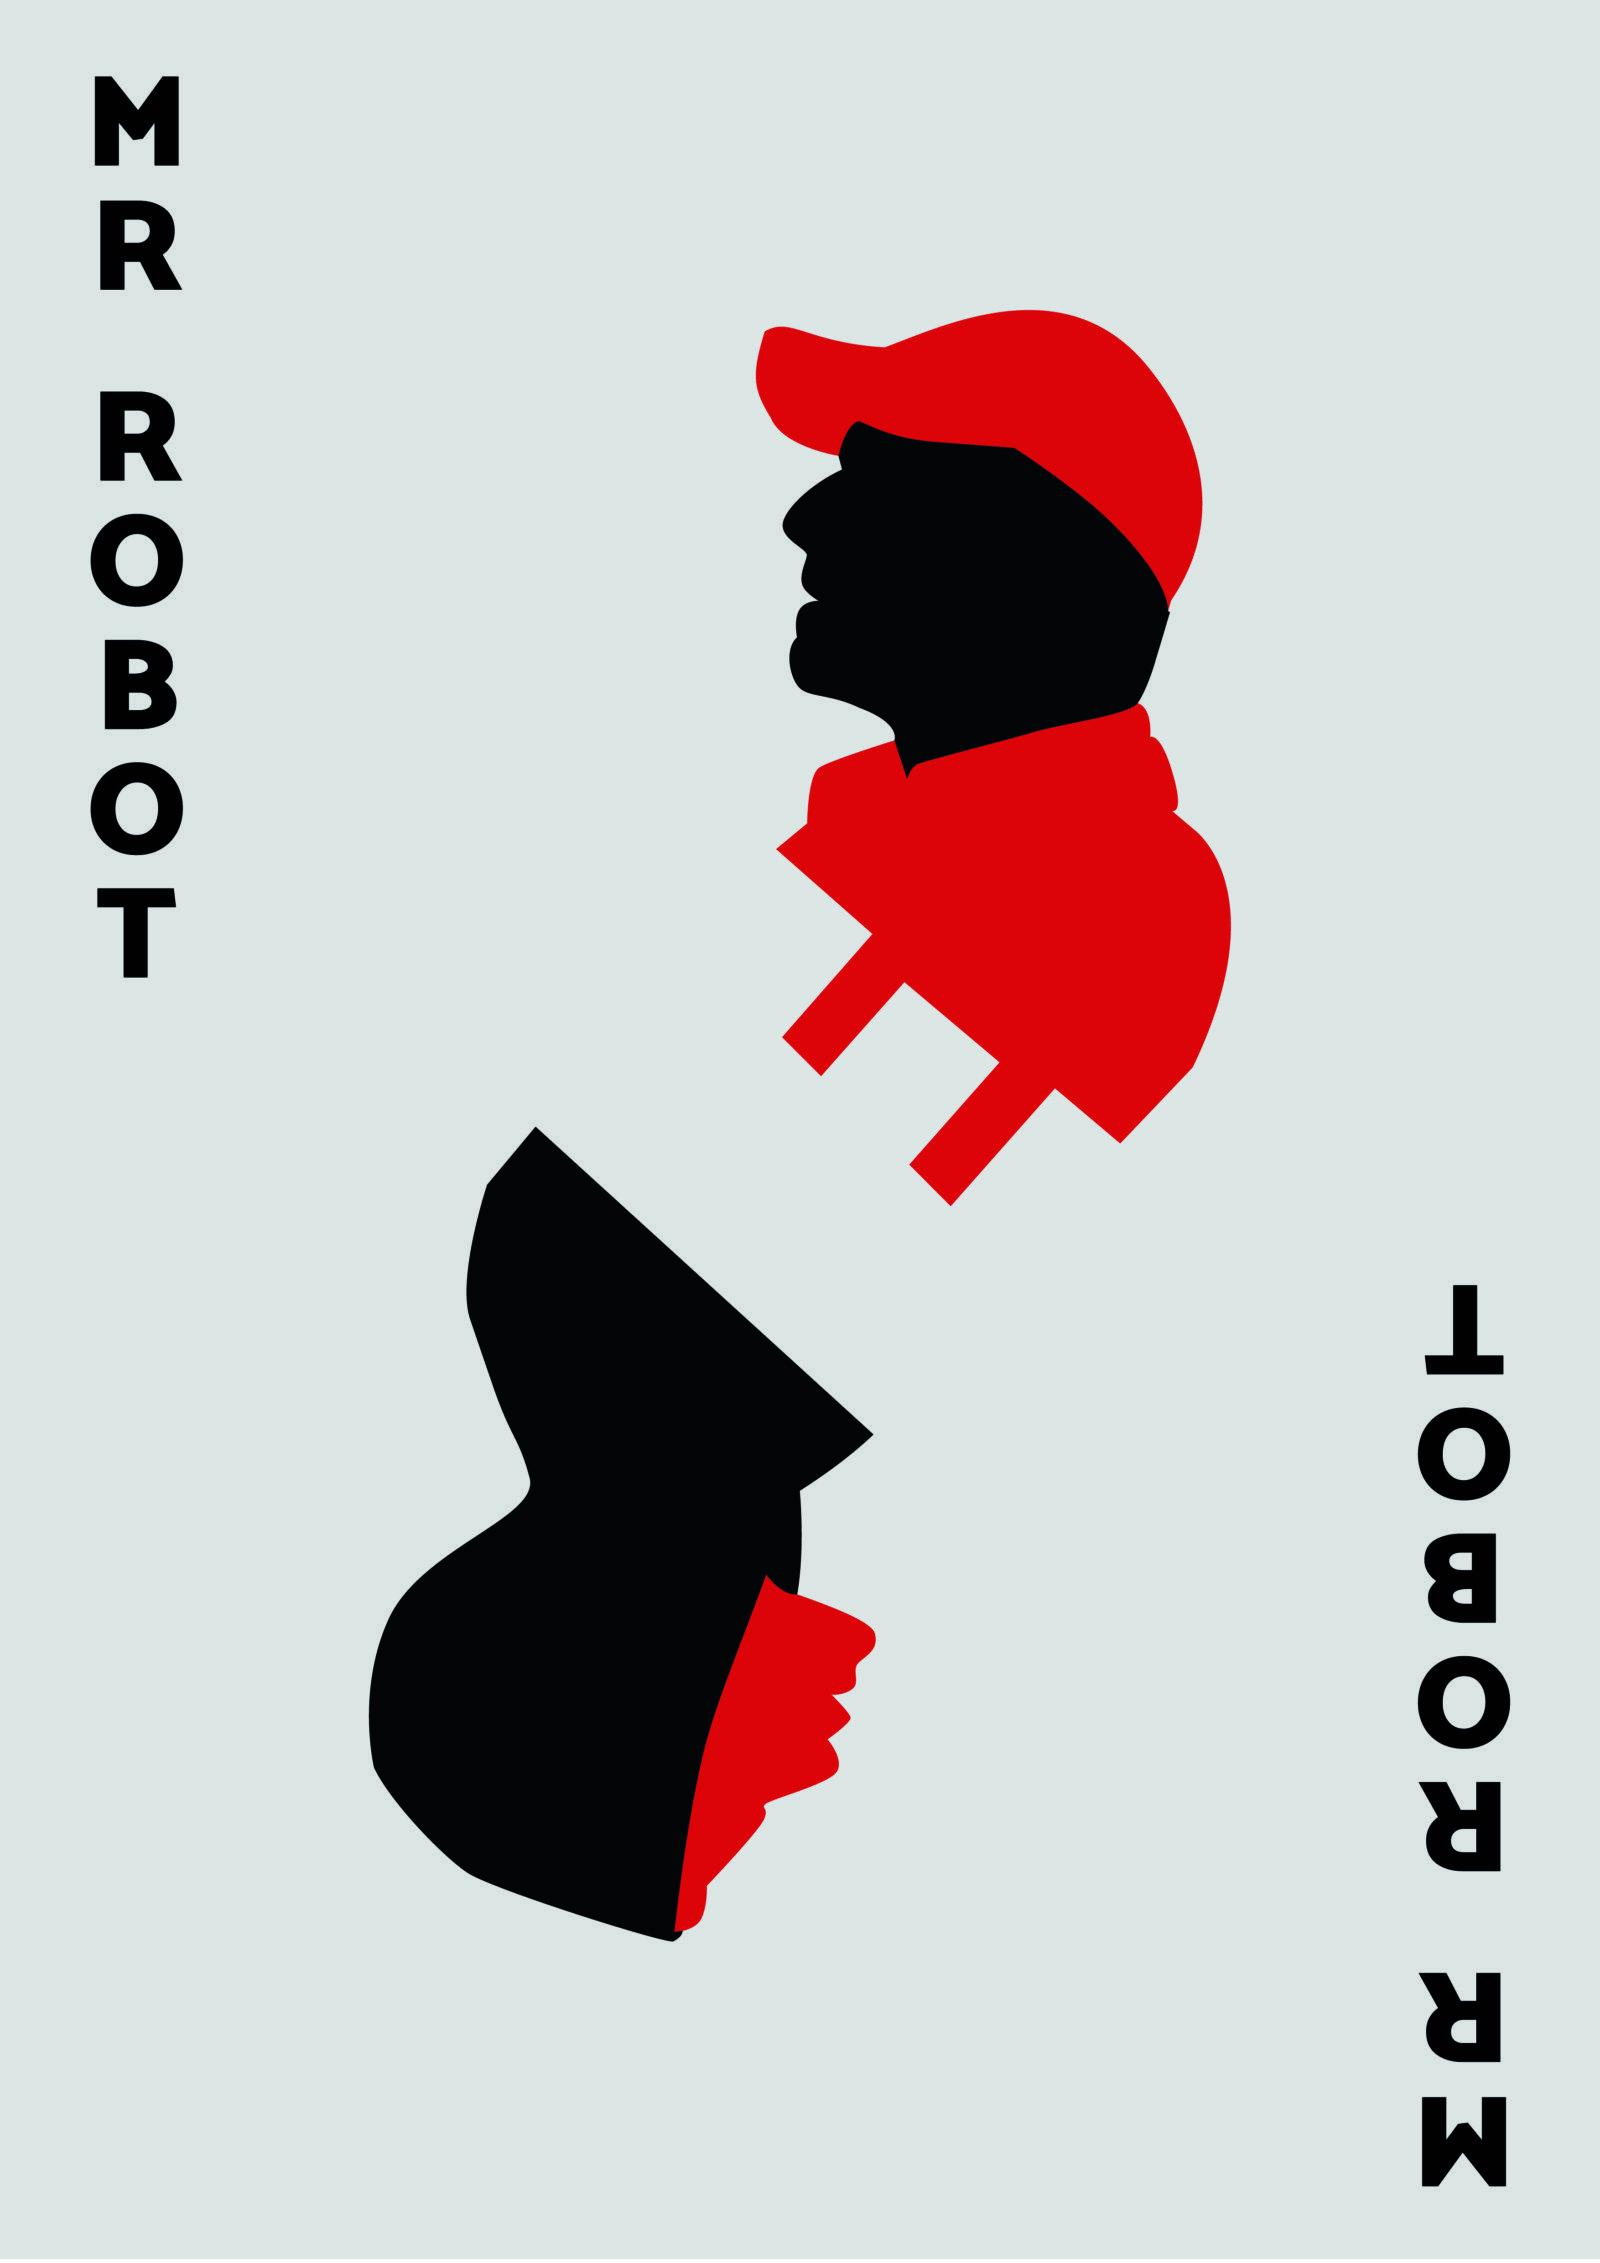 #MrRobot - Yin and Yang